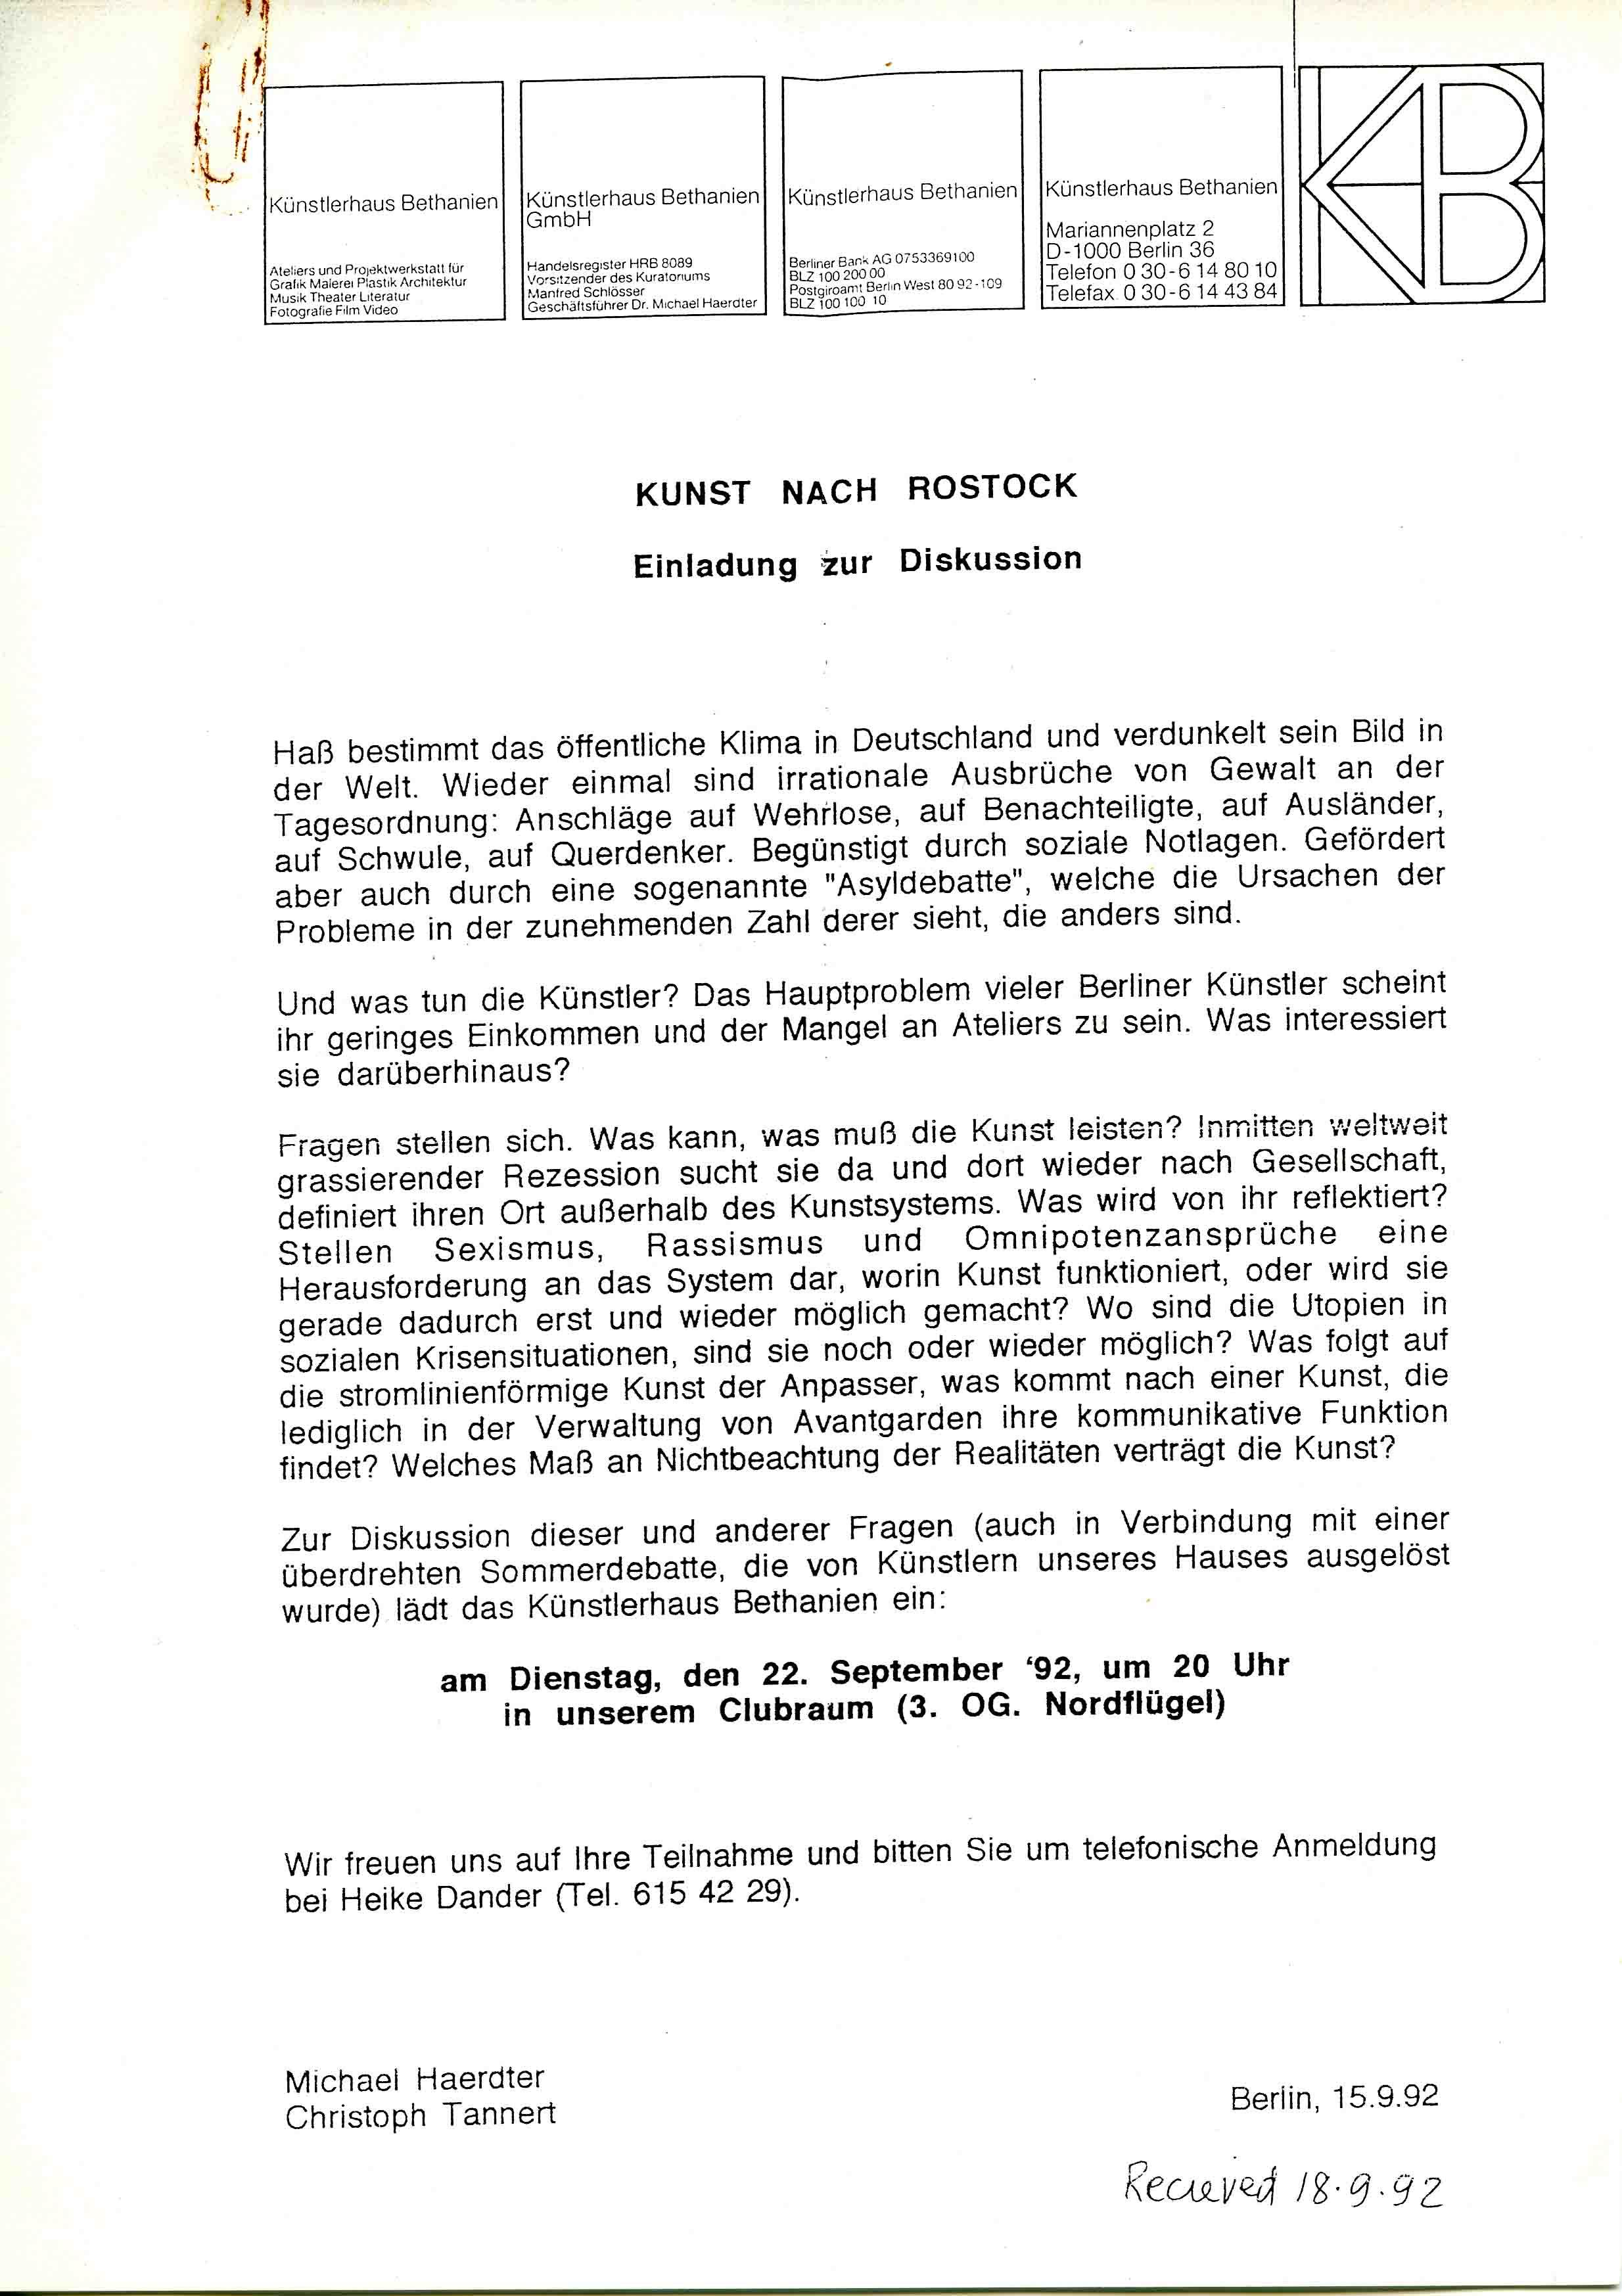 'Kunst nach Rostock'  Invitation to a discussion at Künstlerhaus Bethanien Berlin 1992